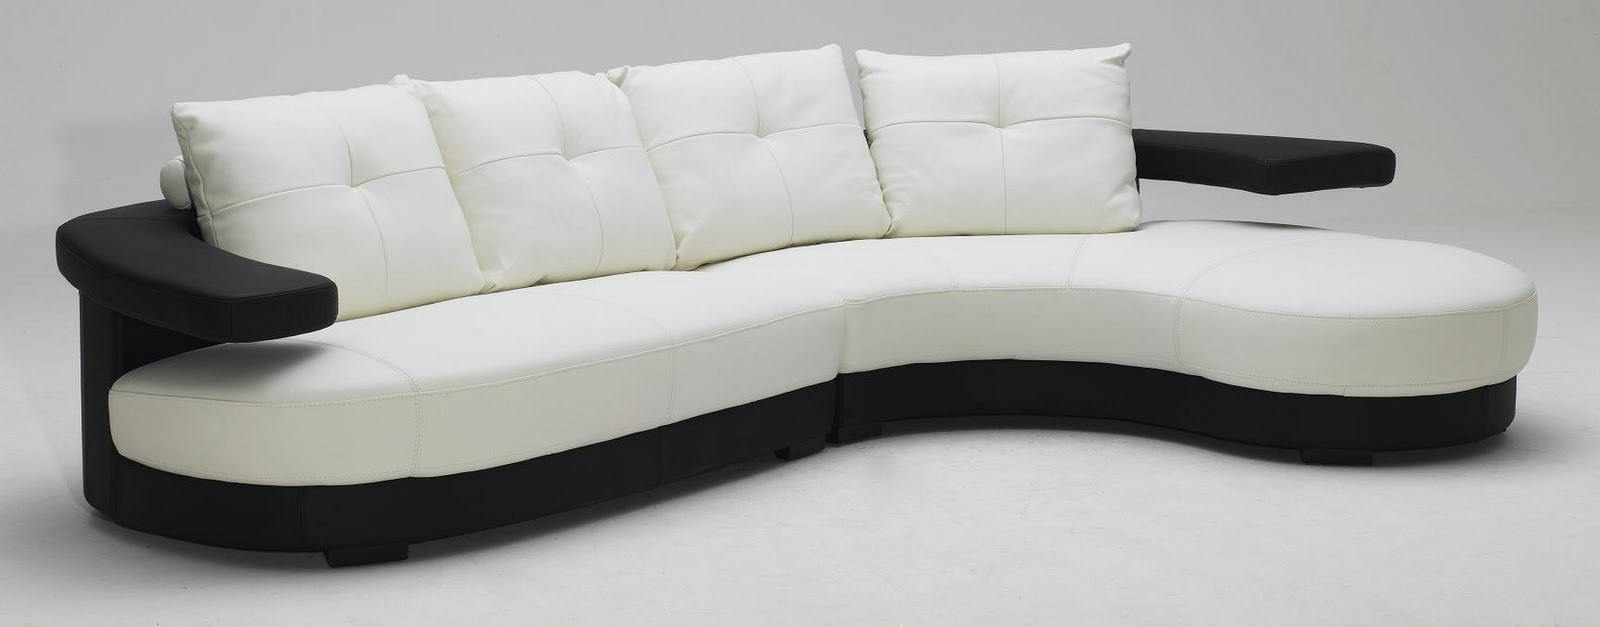 modern design sofa set GWVQTZQ